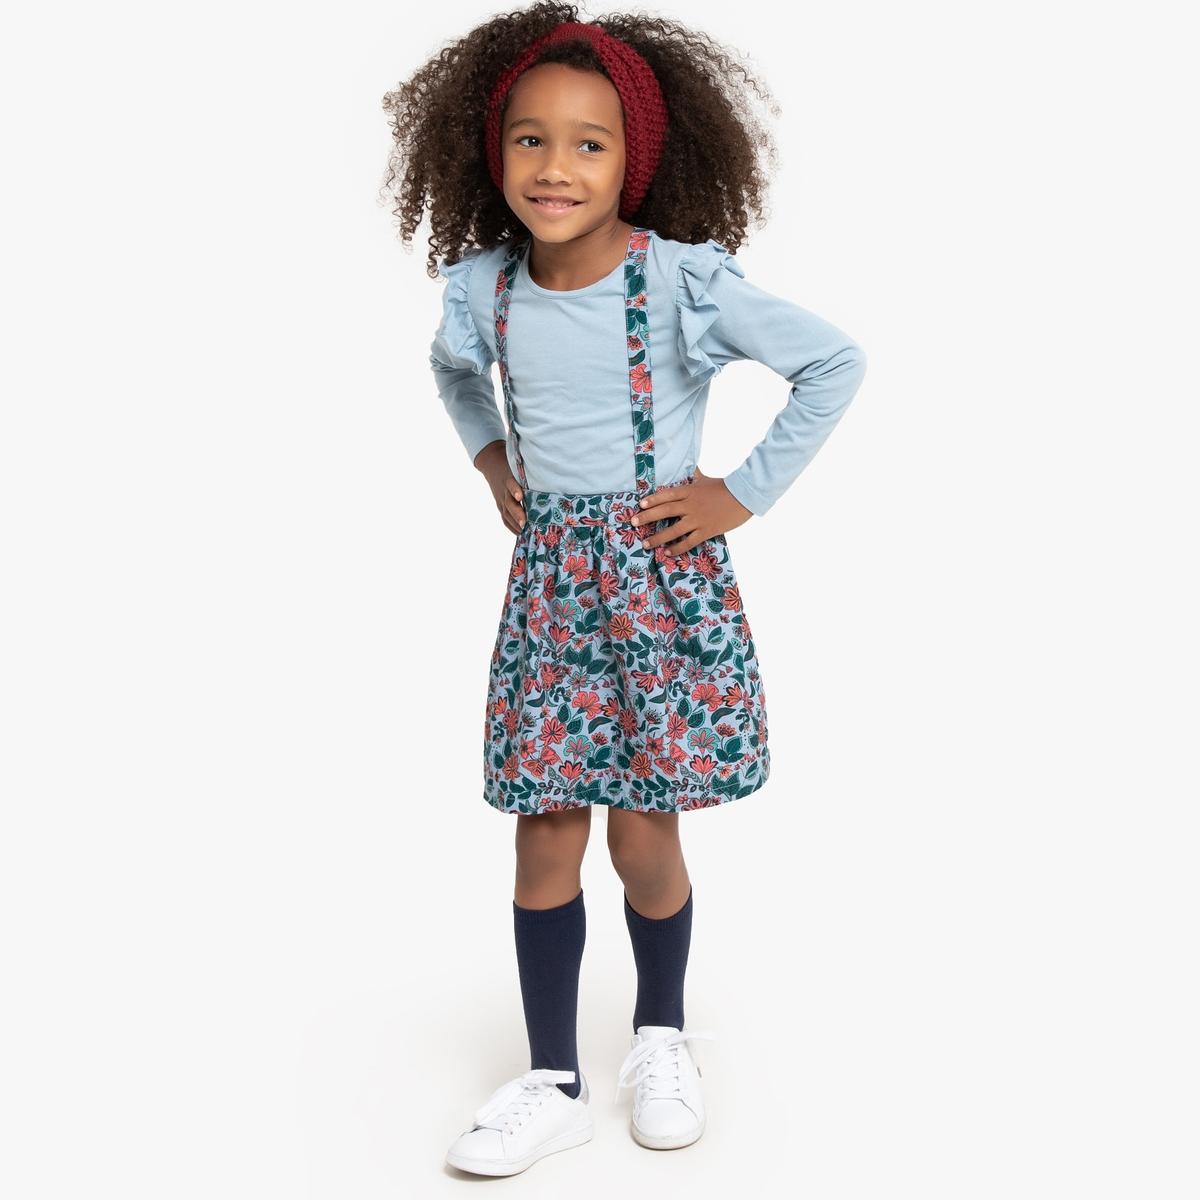 Комплект футболка и юбка на La Redoute Бретелях 12 лет -150 см синий комплект футболка и юбка на la redoute бретелях 12 лет 150 см синий